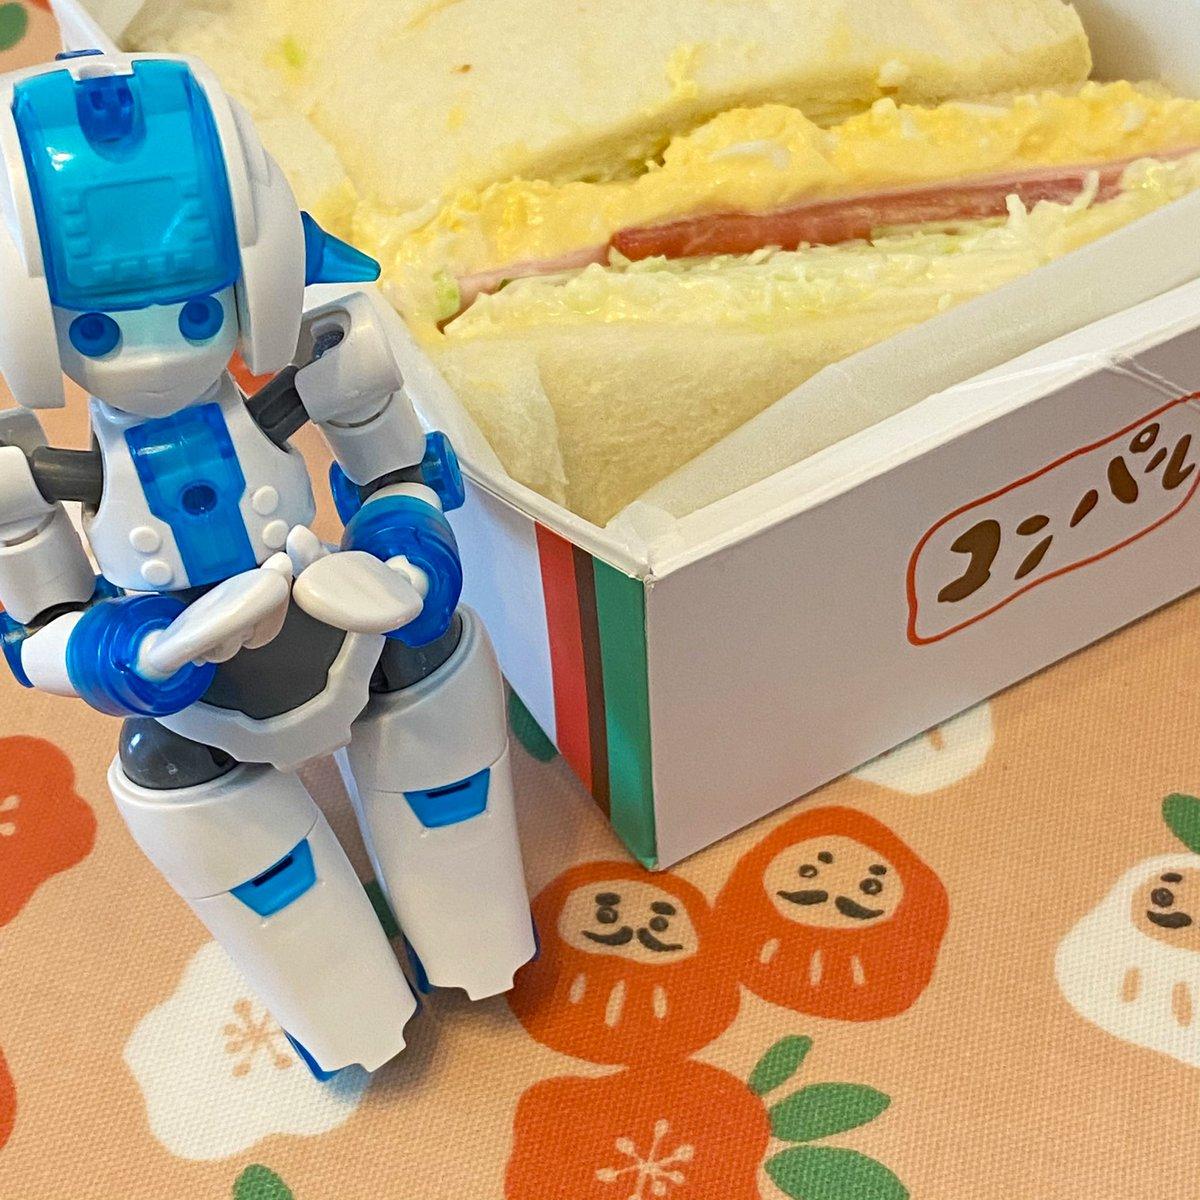 と、言う訳でToGoしてきた コンパルさんのミックスサンド! (・‐・)ノ🥪✨ んまいのだ!  #おうちごはん #delicious #yummy #food #foodie #foodpics #foodgram #instafood #カデンナ #KADENNNA #doll #dollphotography #dollstagram #actionfigure https://t.co/l4h6ZwI2Dq